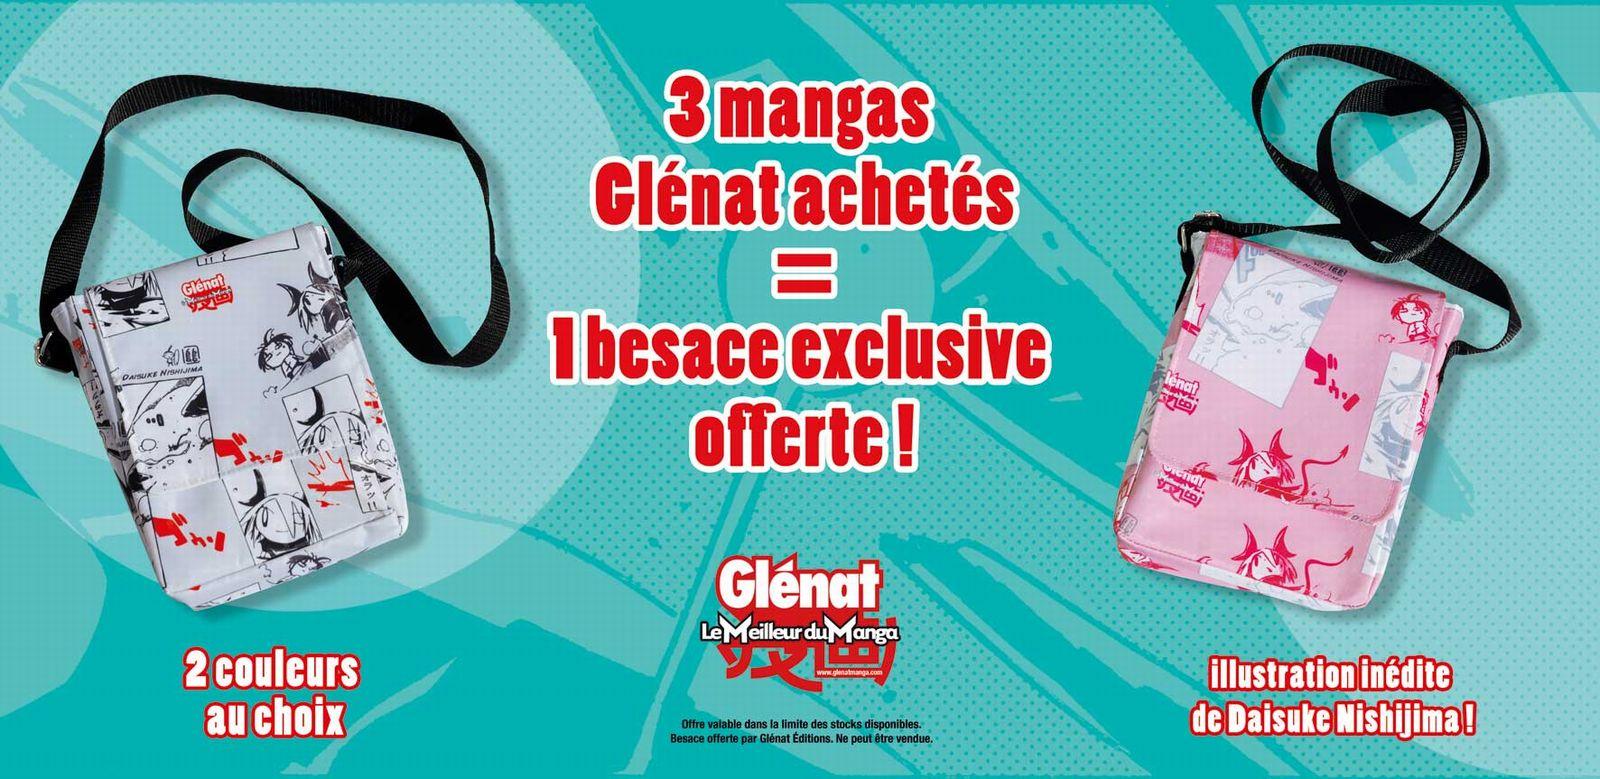 Flyer de l'annonce Glenat pour l'été 2009